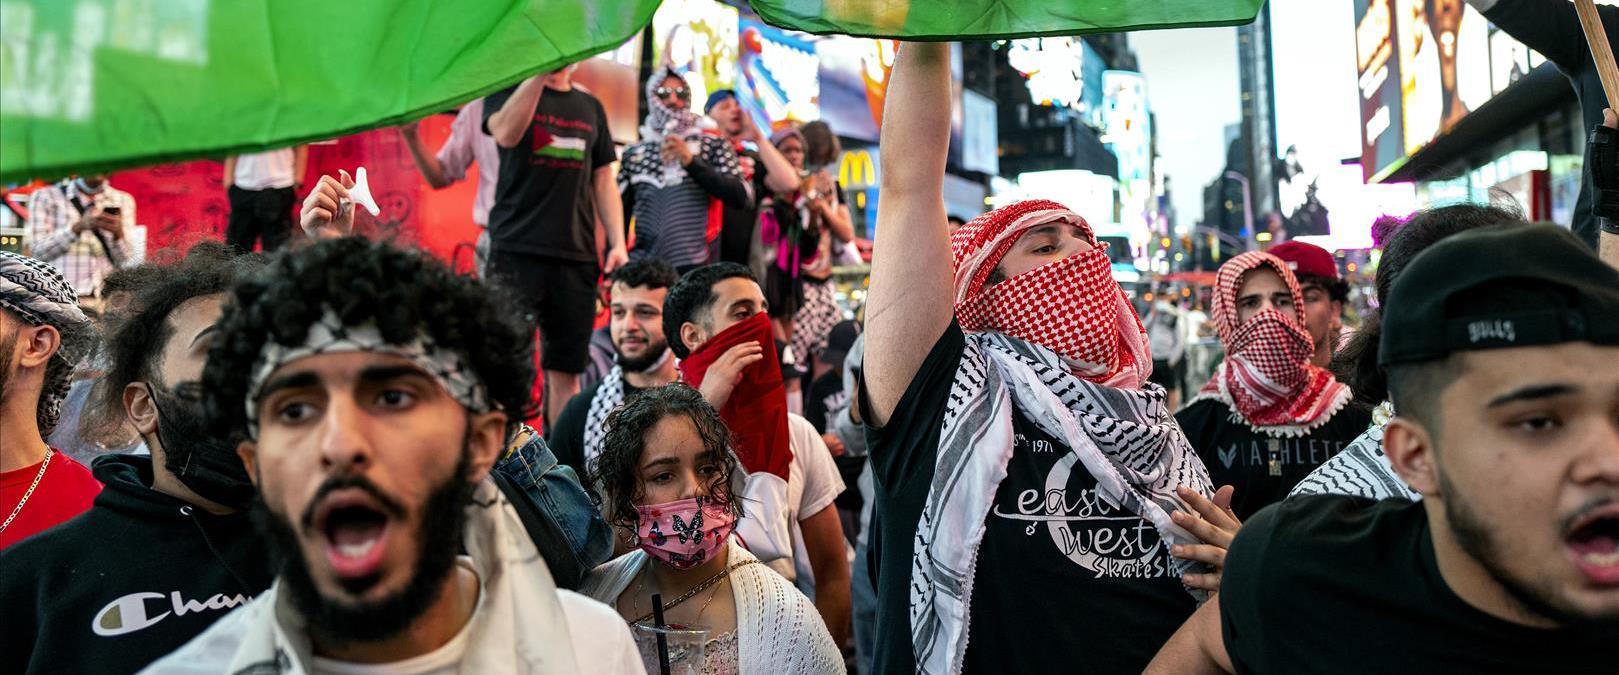 הפגנה בניו יורק, השבוע